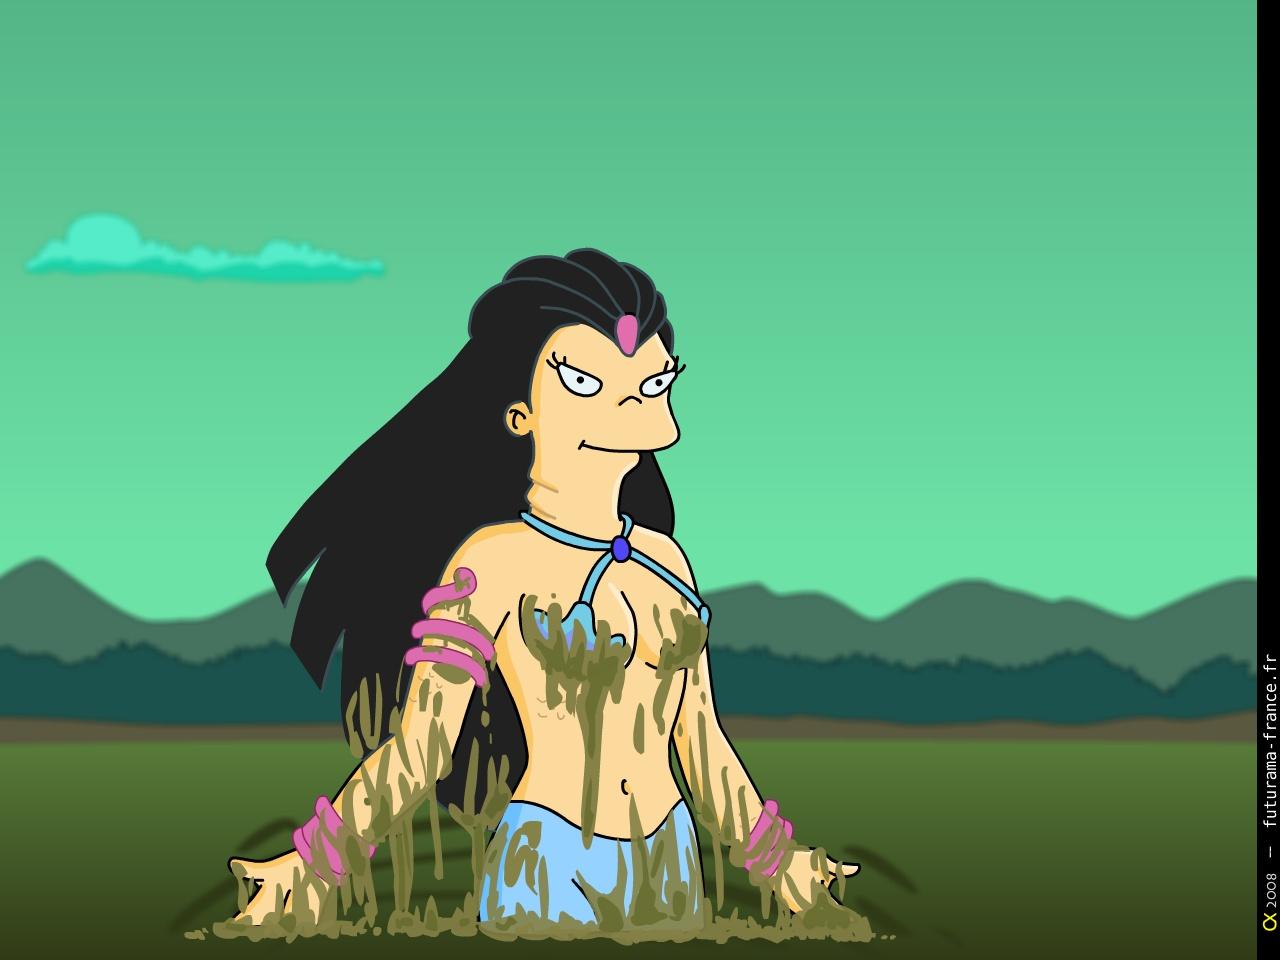 Futurama mom rule 34 sexual image